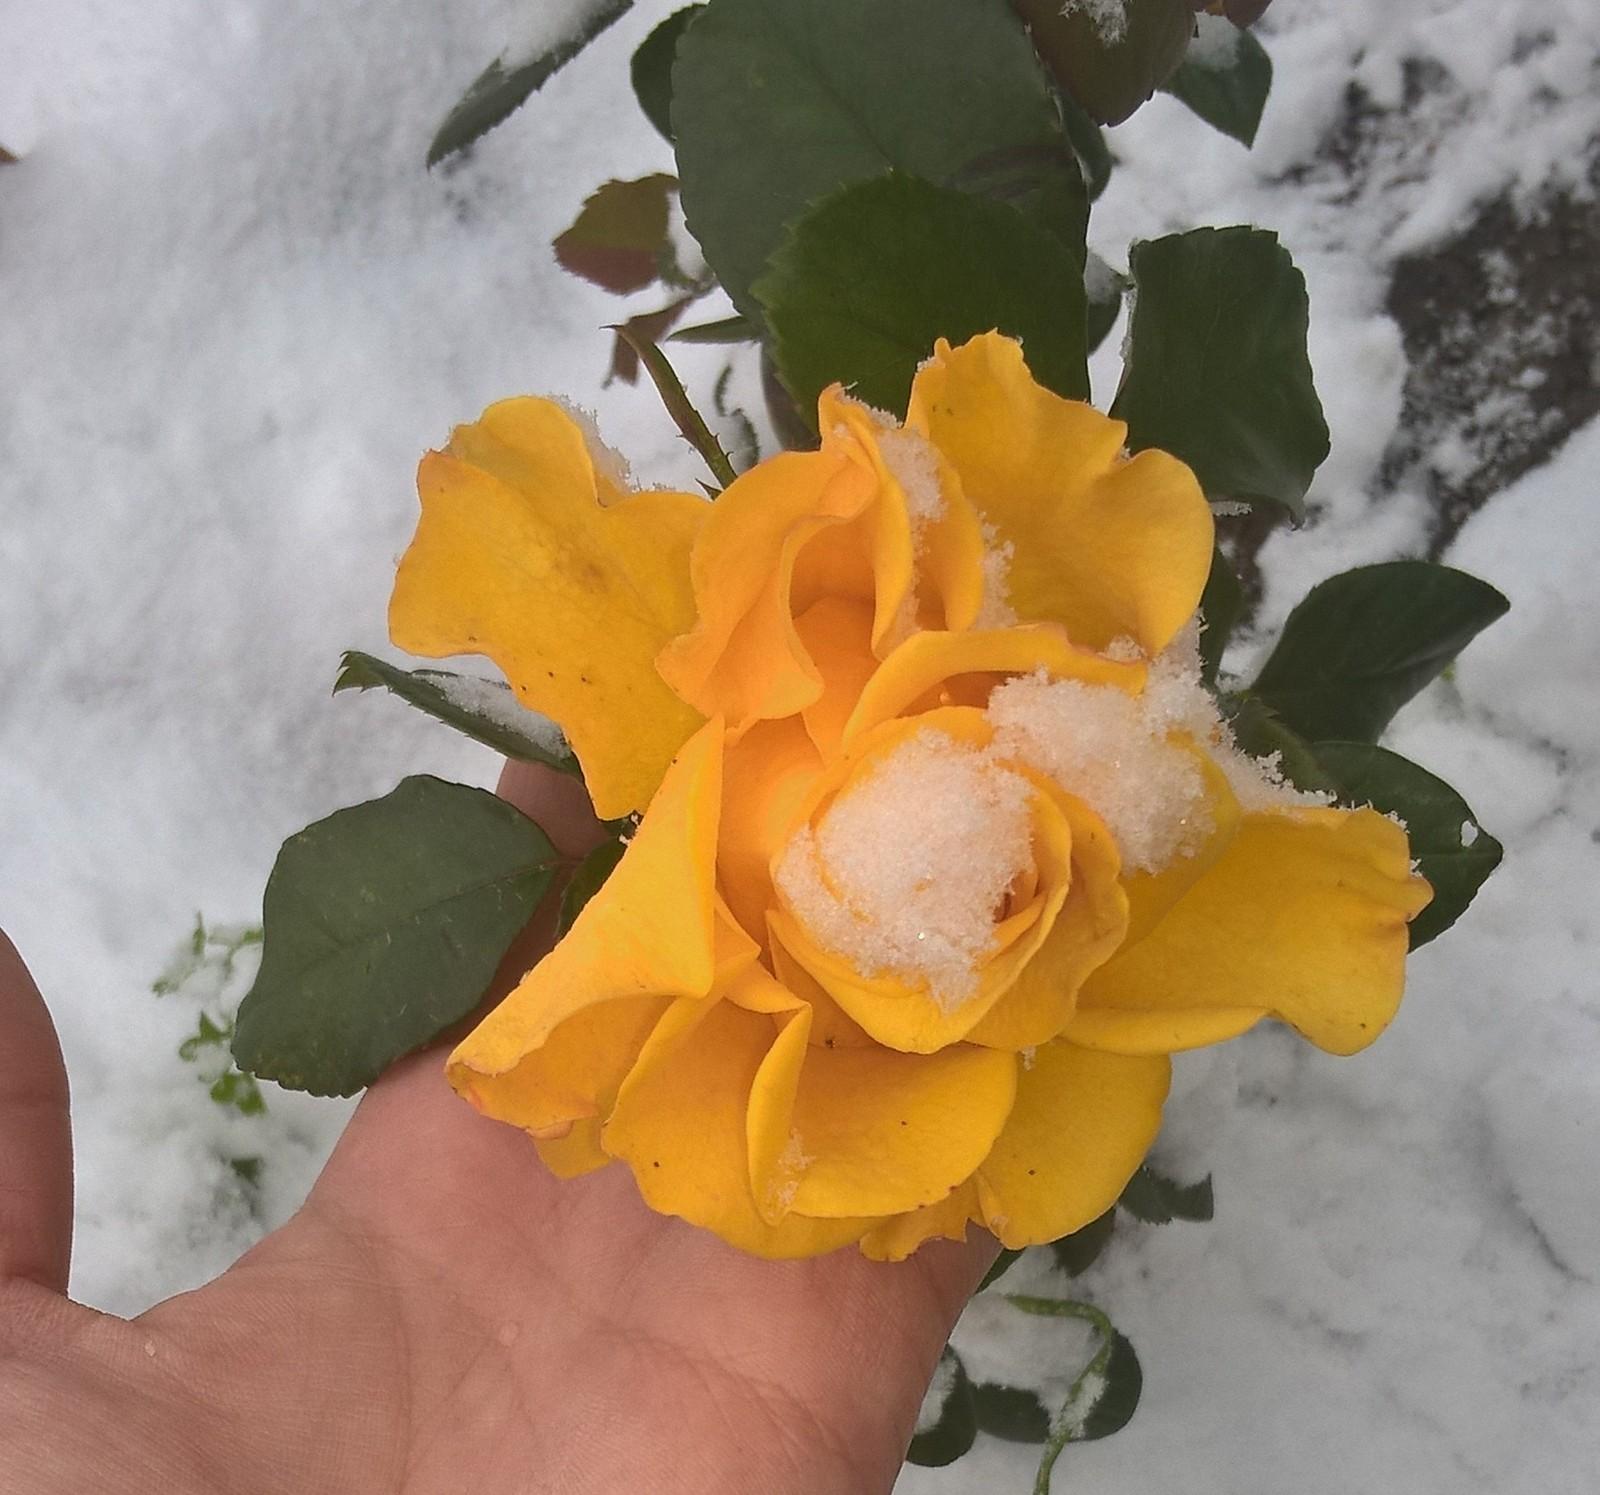 розы в снегу картинки